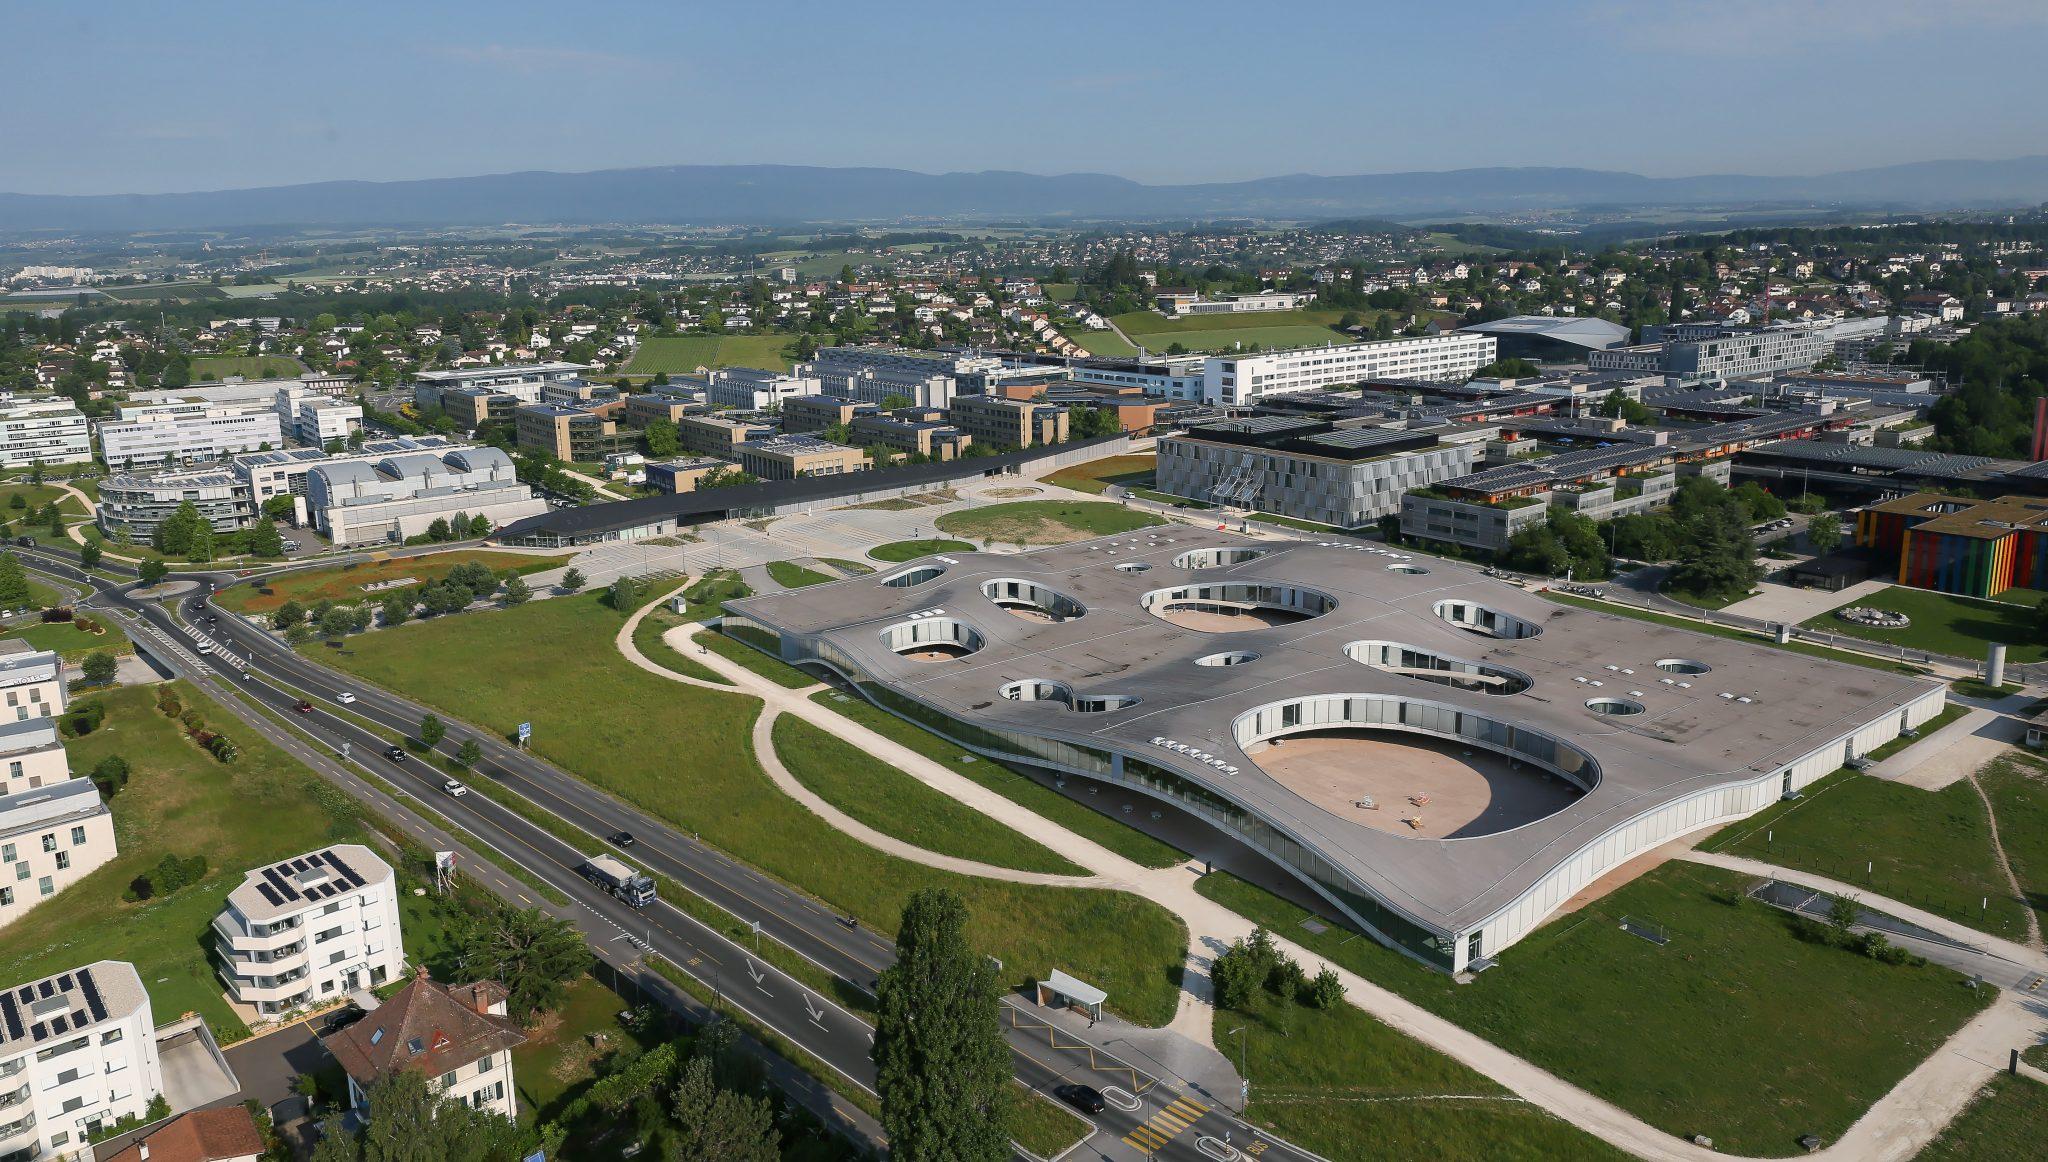 new concept 5182a 8e68f Rolex Learning Center – EPFL